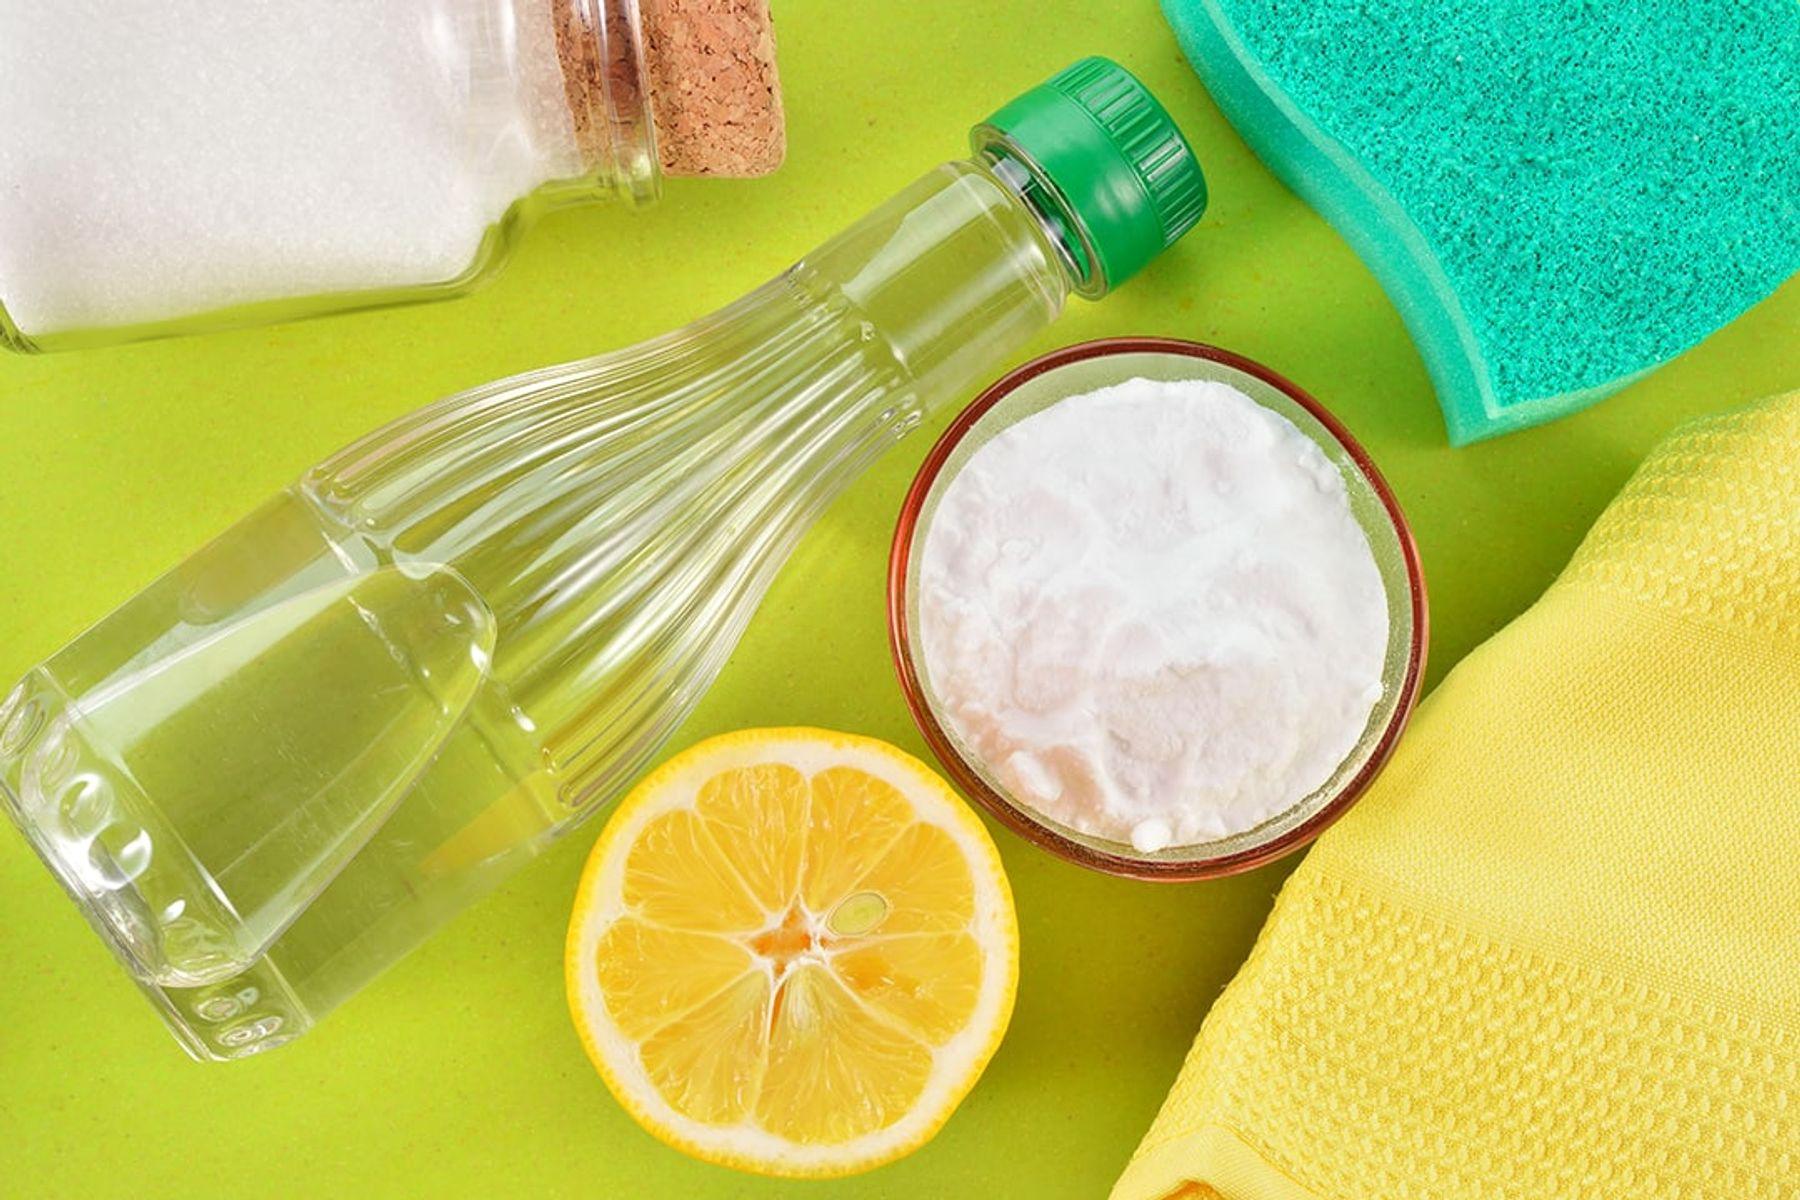 Çamaşır suyuna alternatif olarak klorsuz veya doğal temizlik ürünlerinden yardım alabilirsiniz.